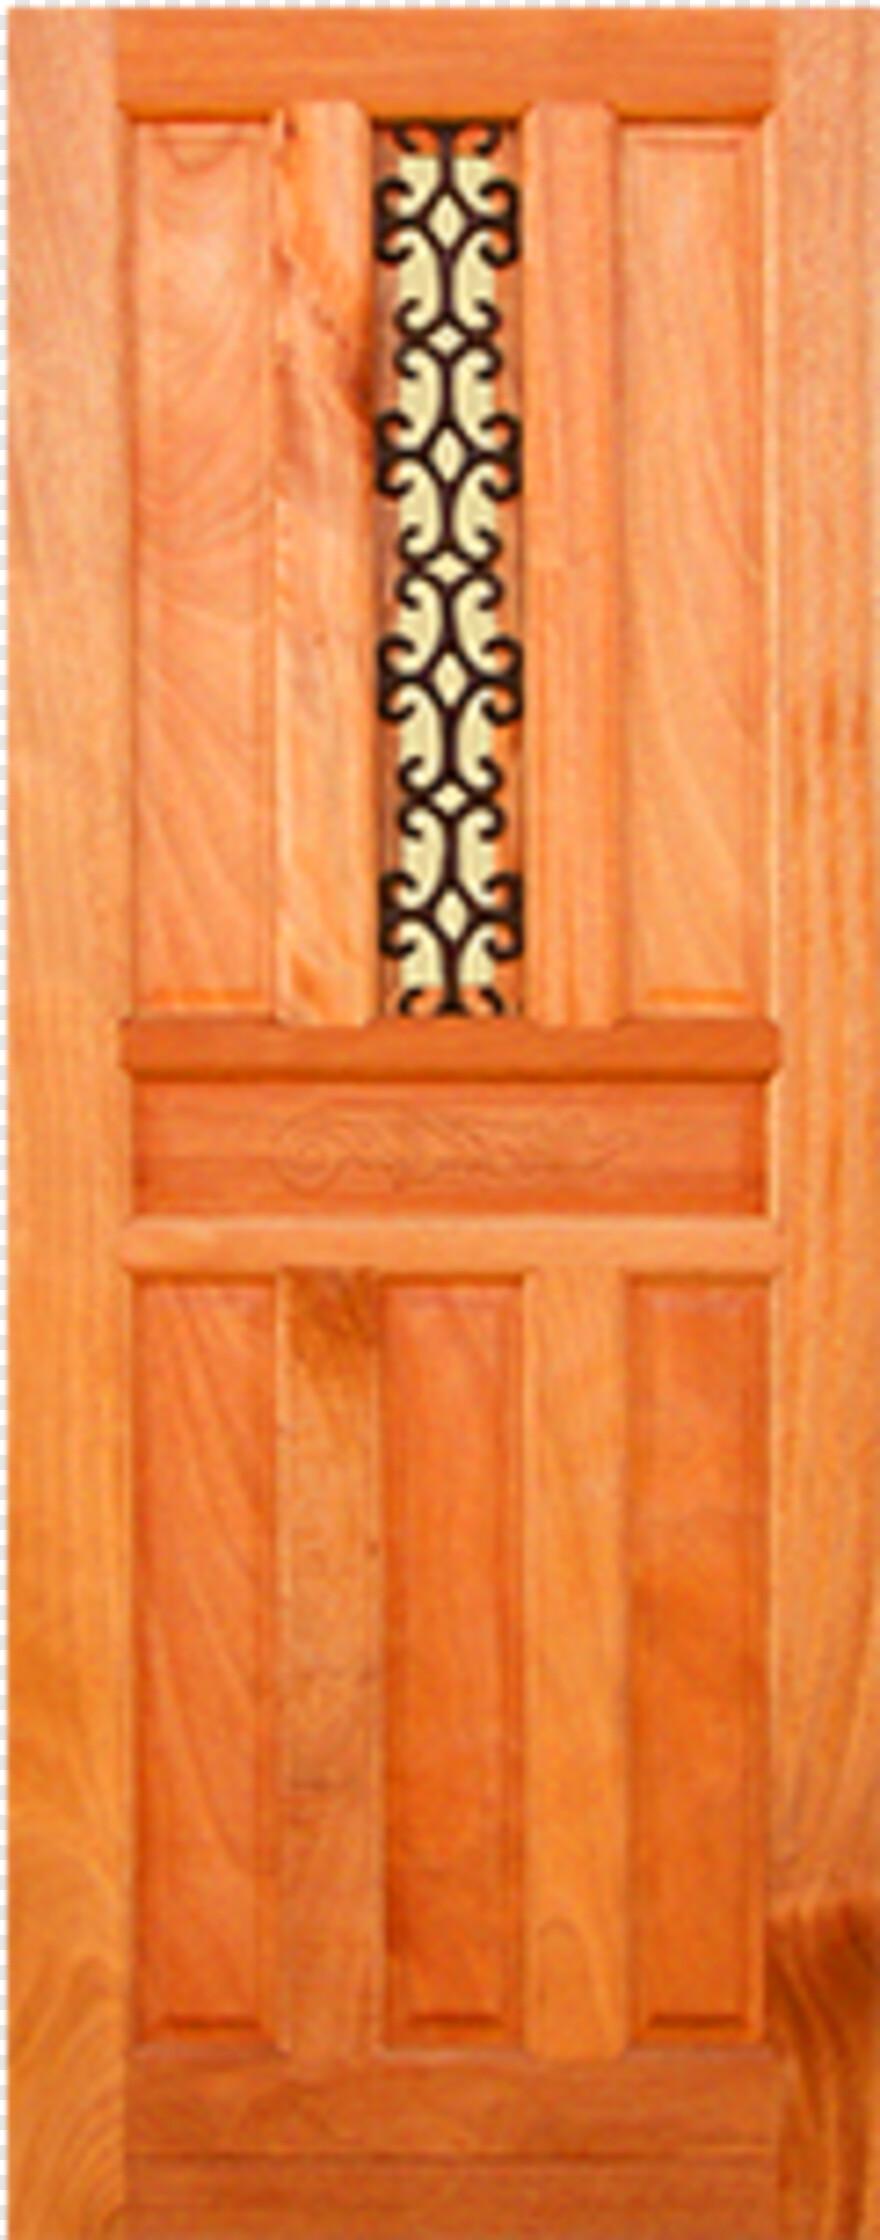 Wood Door Cashbuild Kitchen Doors Prices Hd Png Download 409x410 5458903 Png Image Pngjoy